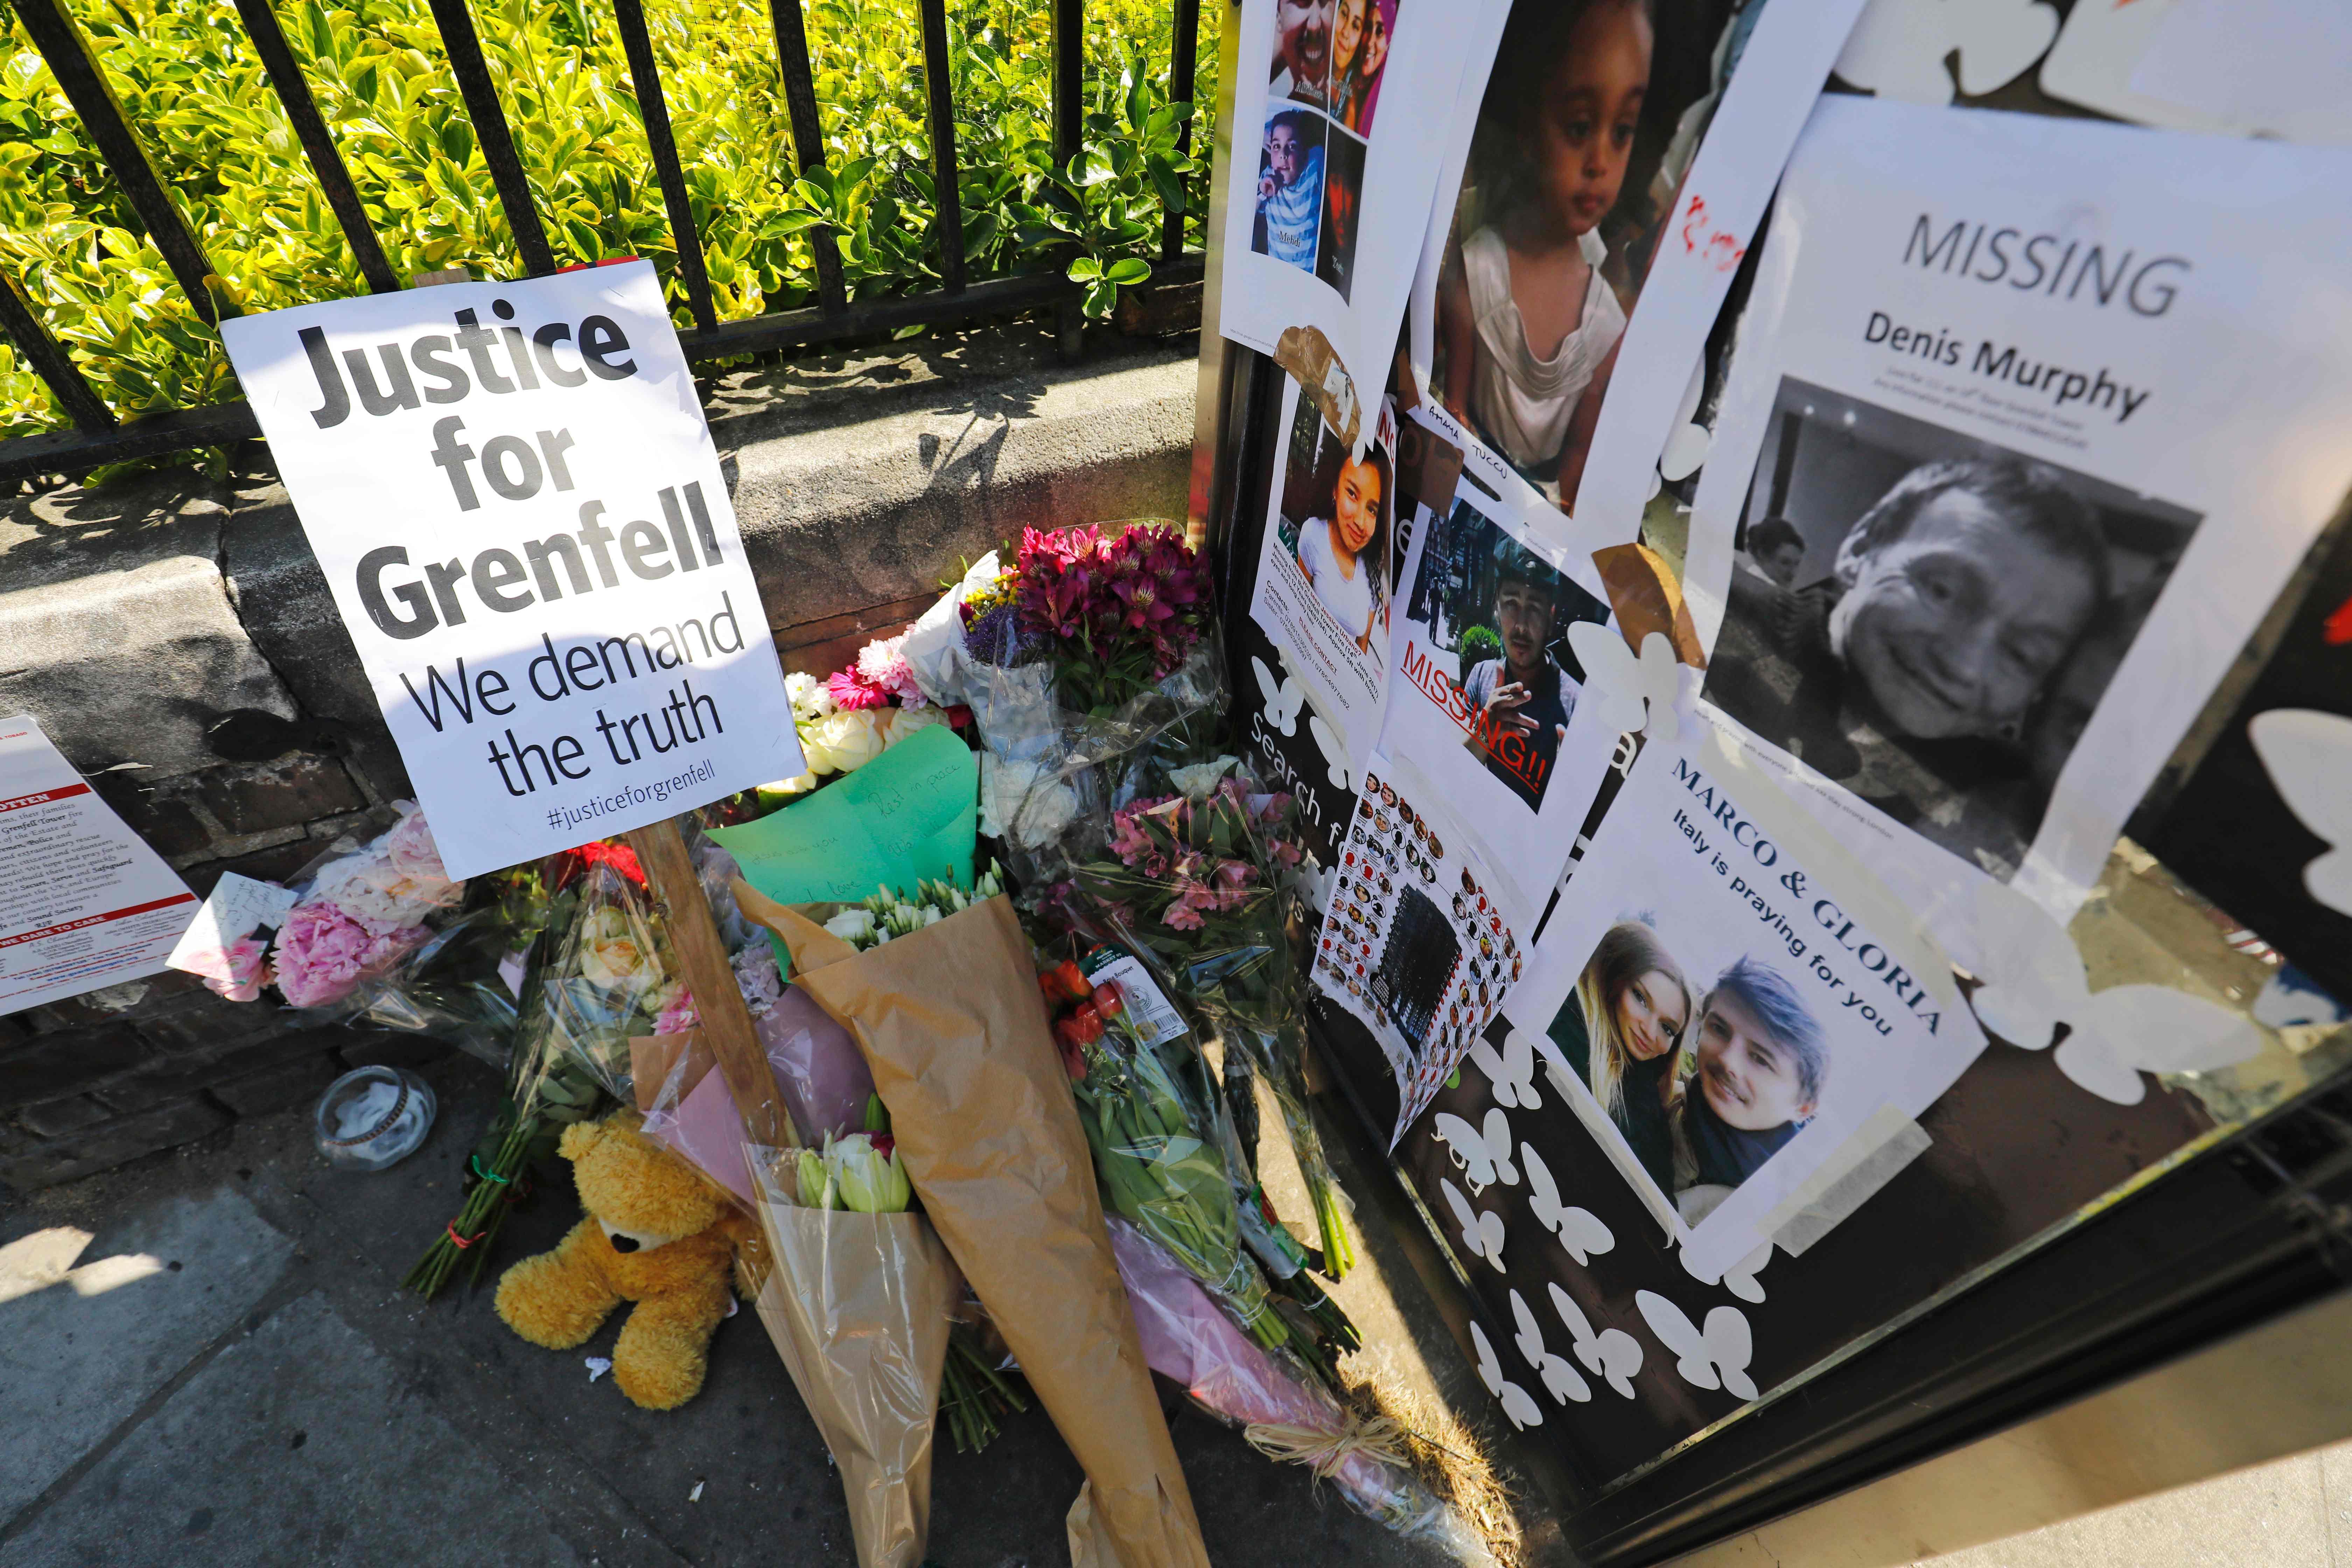 باقات الزهور أمام لافتة تأبين ضحايا الحريق فى لندن